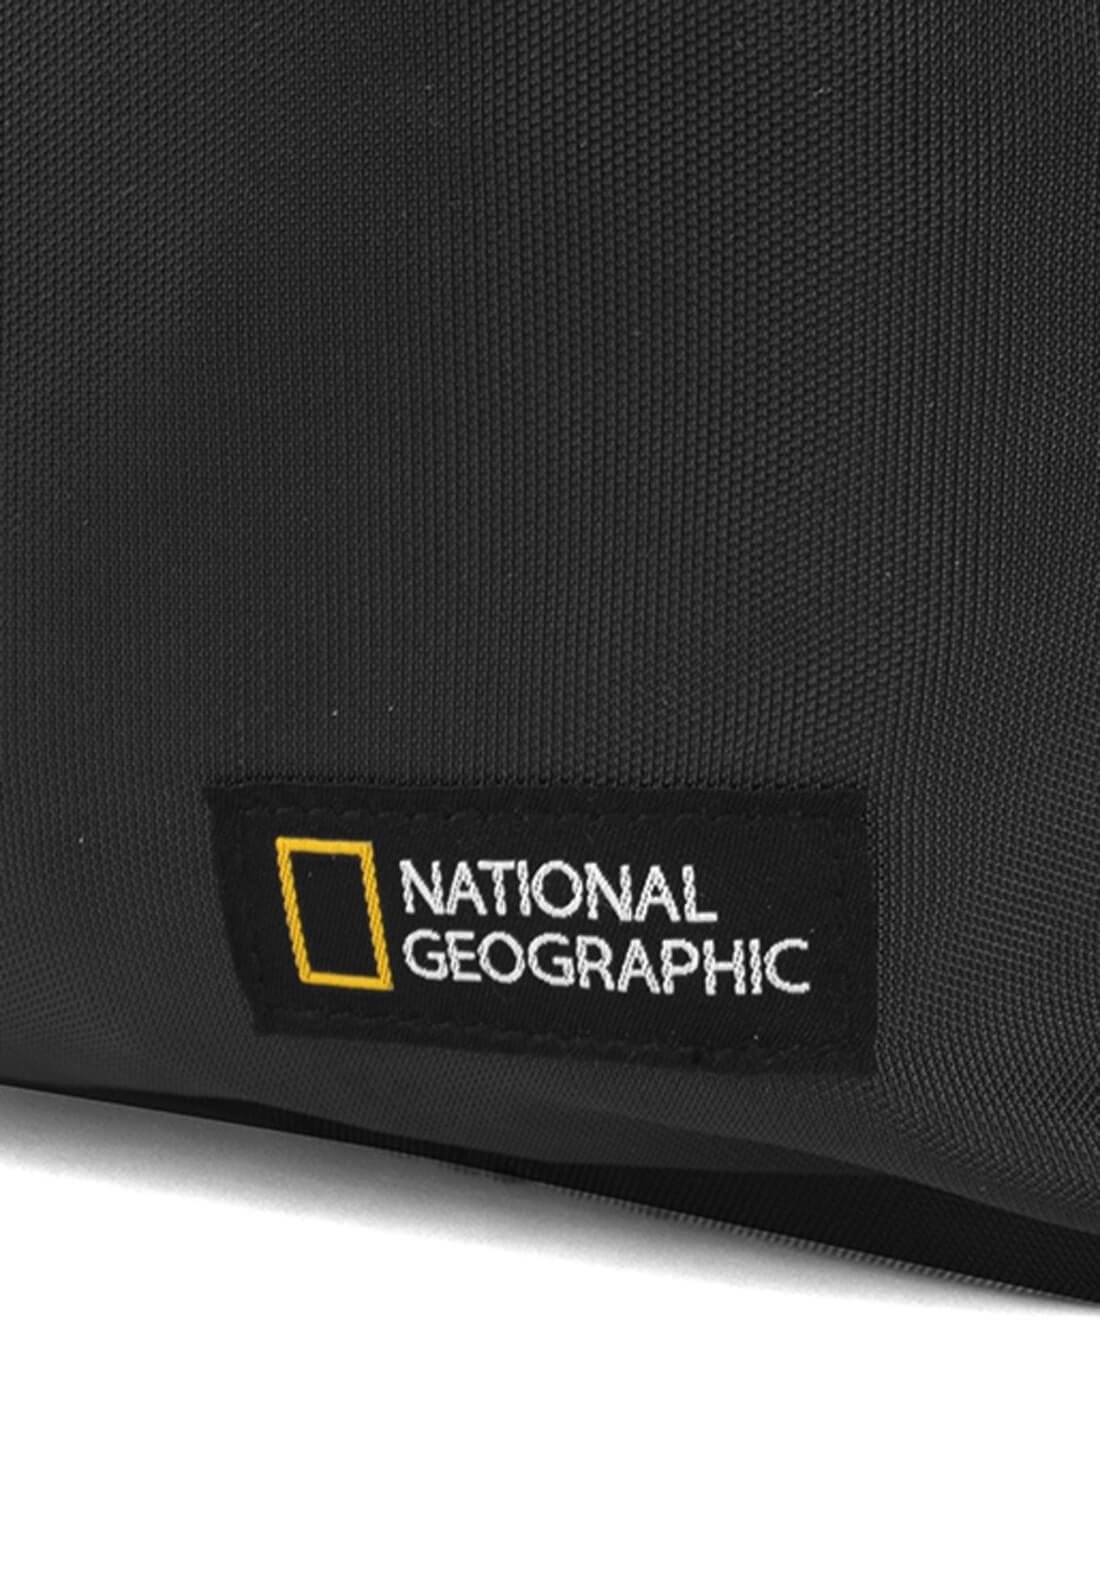 Mochila Executiva Notebook National Geographic Original Pret